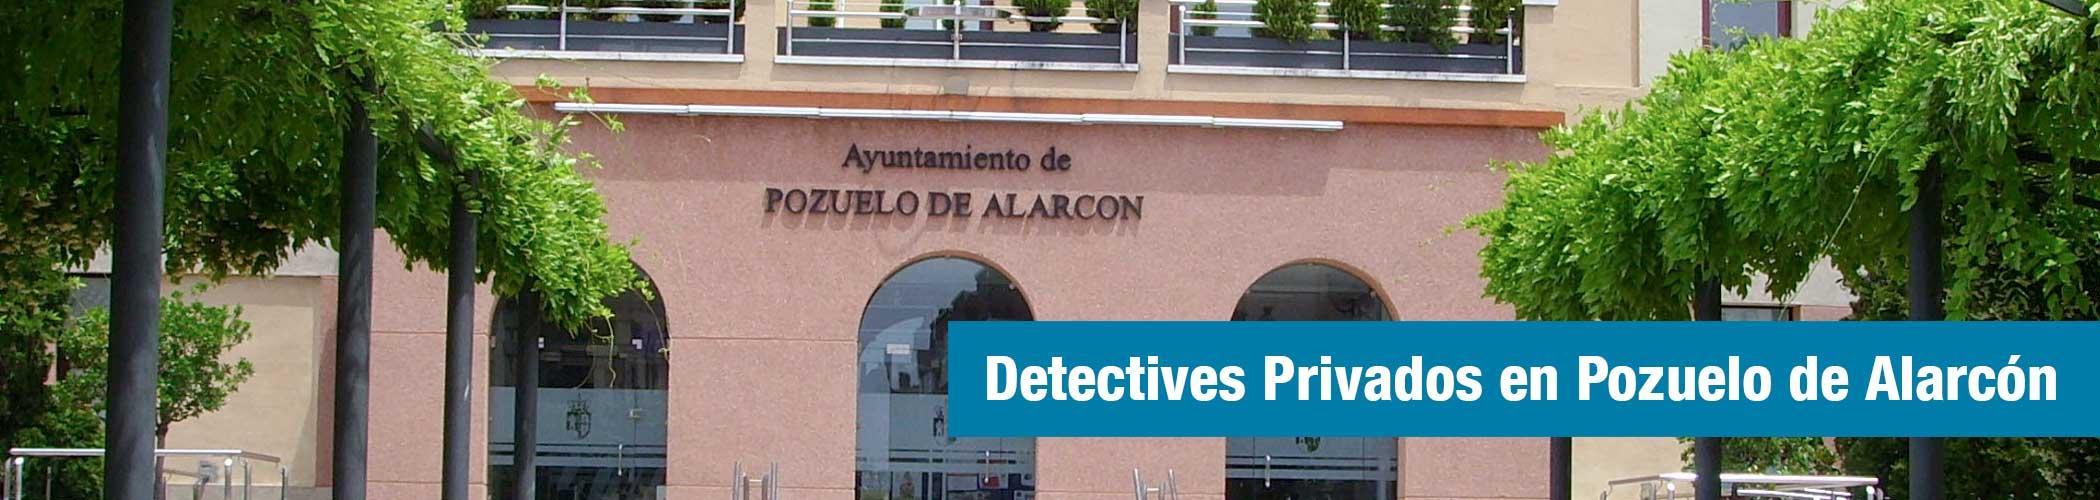 detectives en pozuelo de alarcon